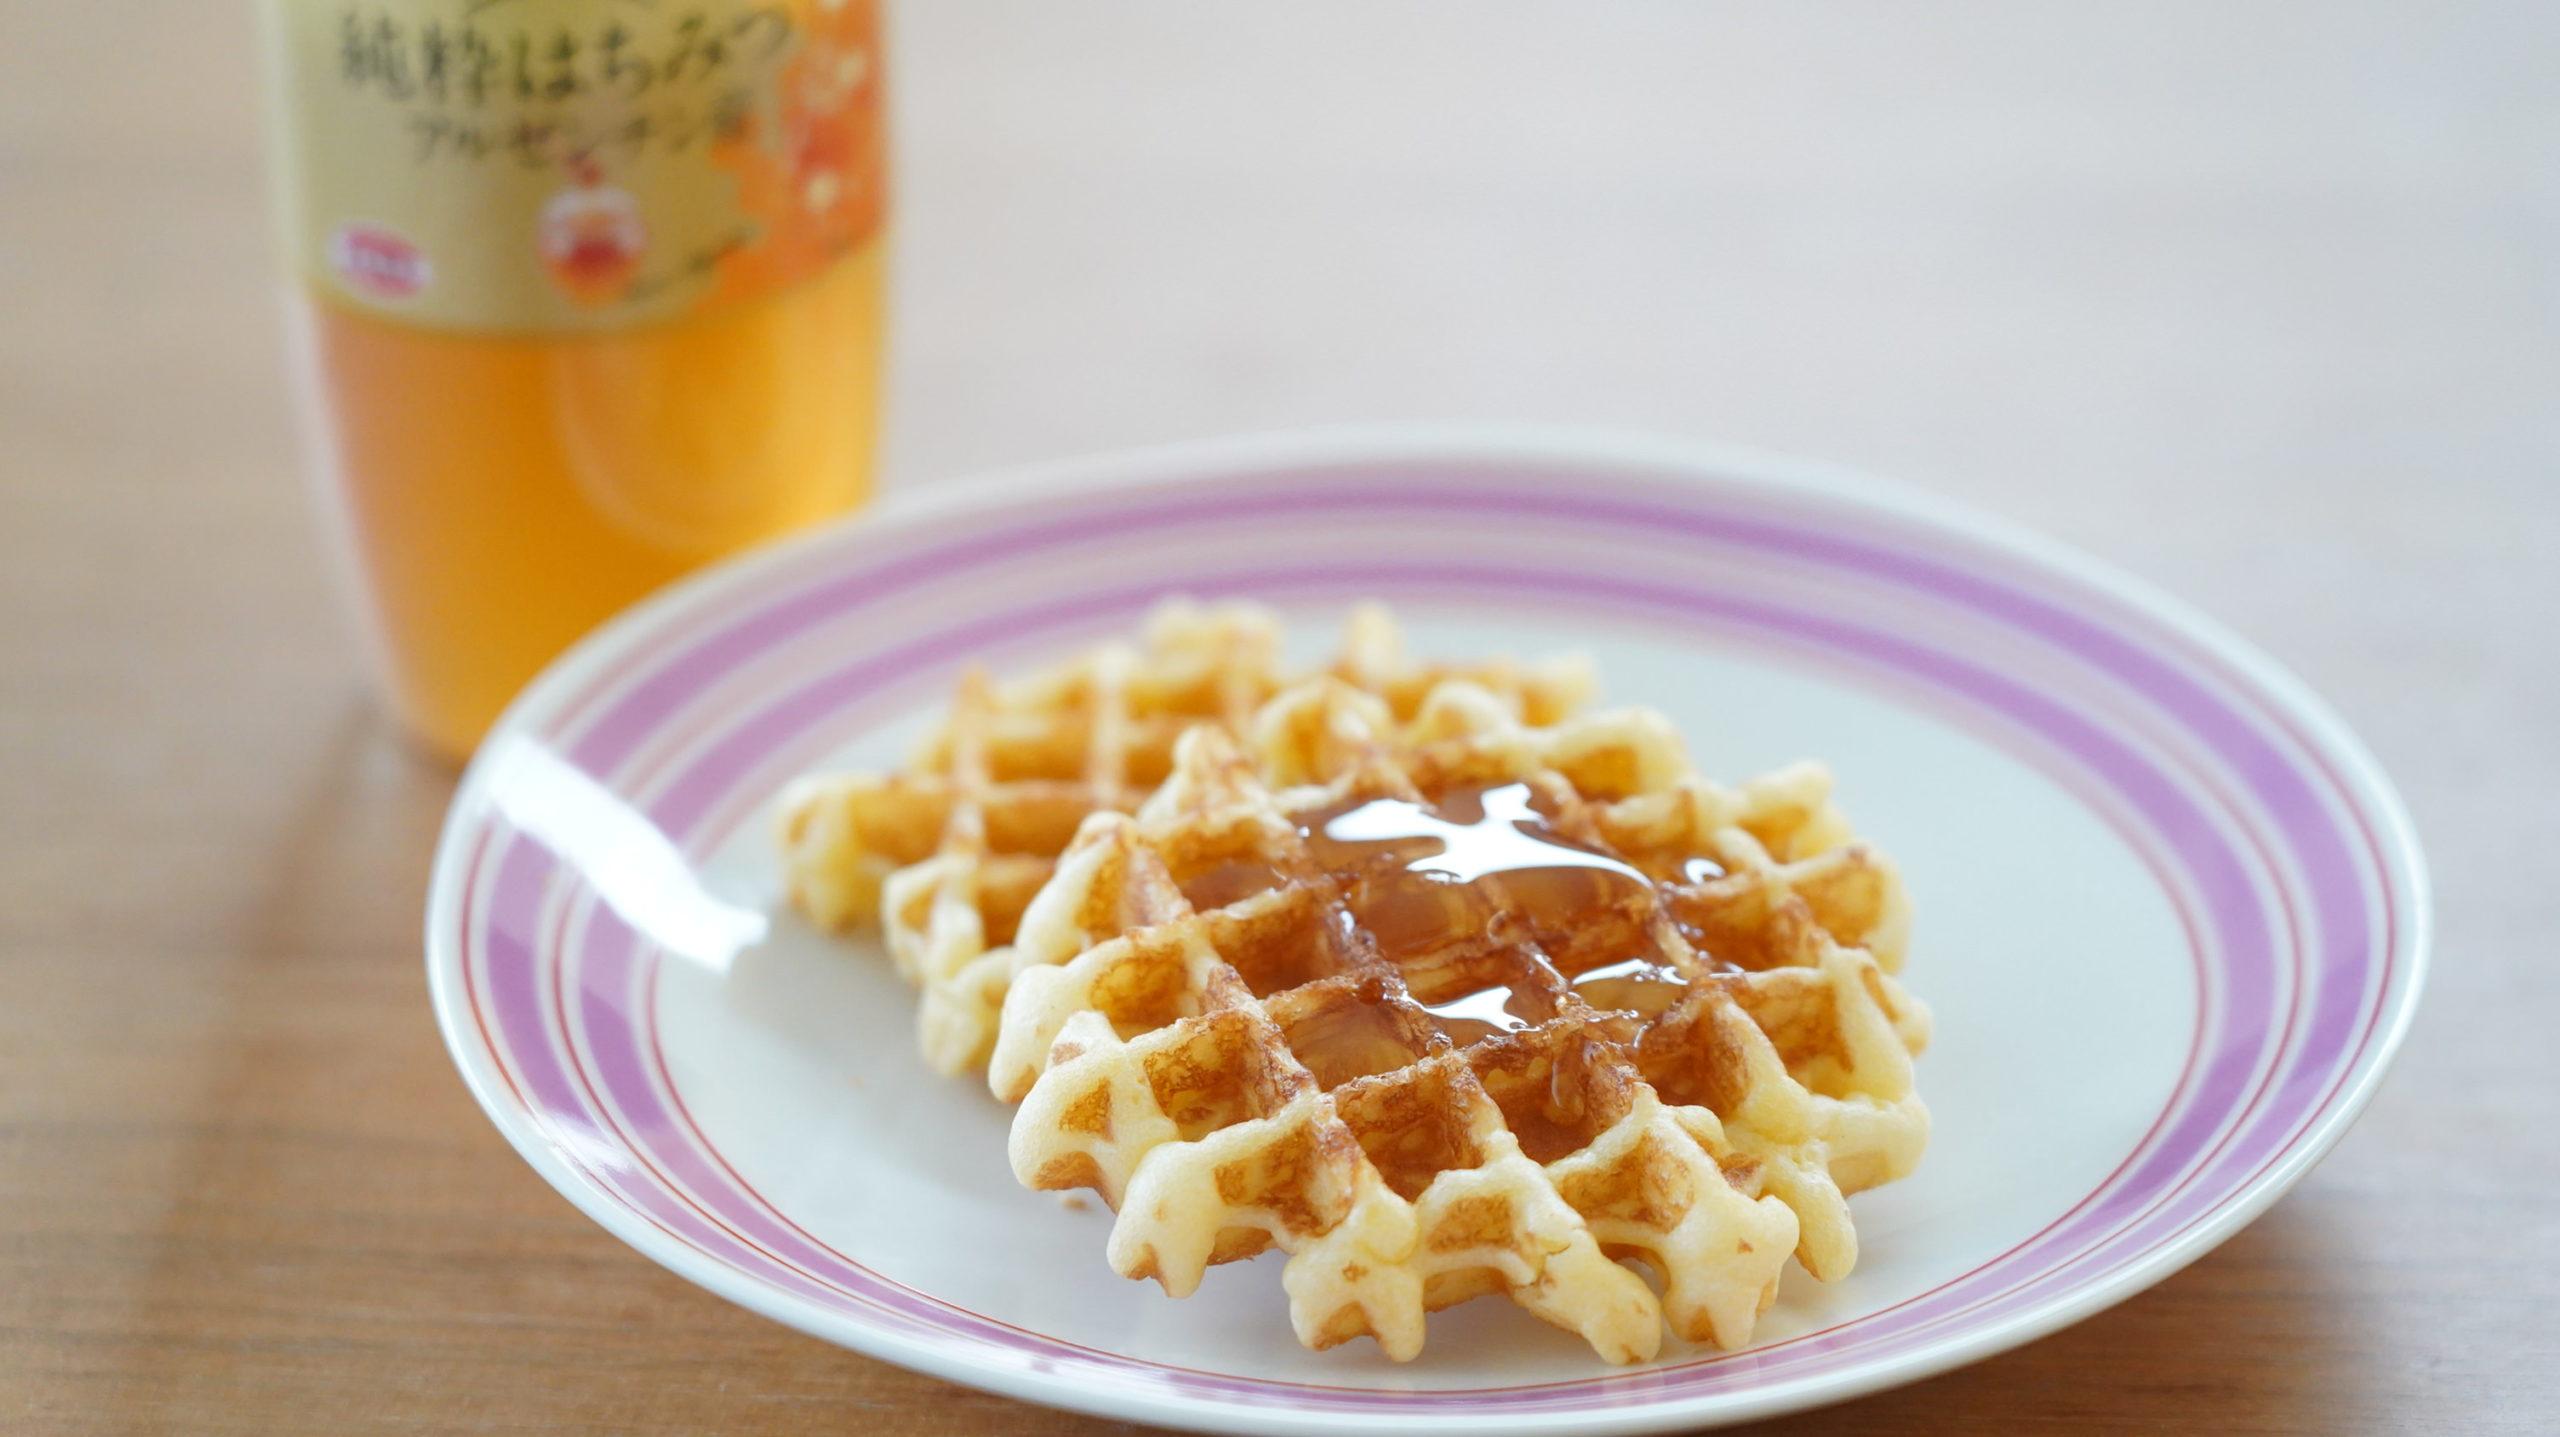 コストコの冷凍食品「ベルギー・バターワッフル」に蜂蜜をかけた写真